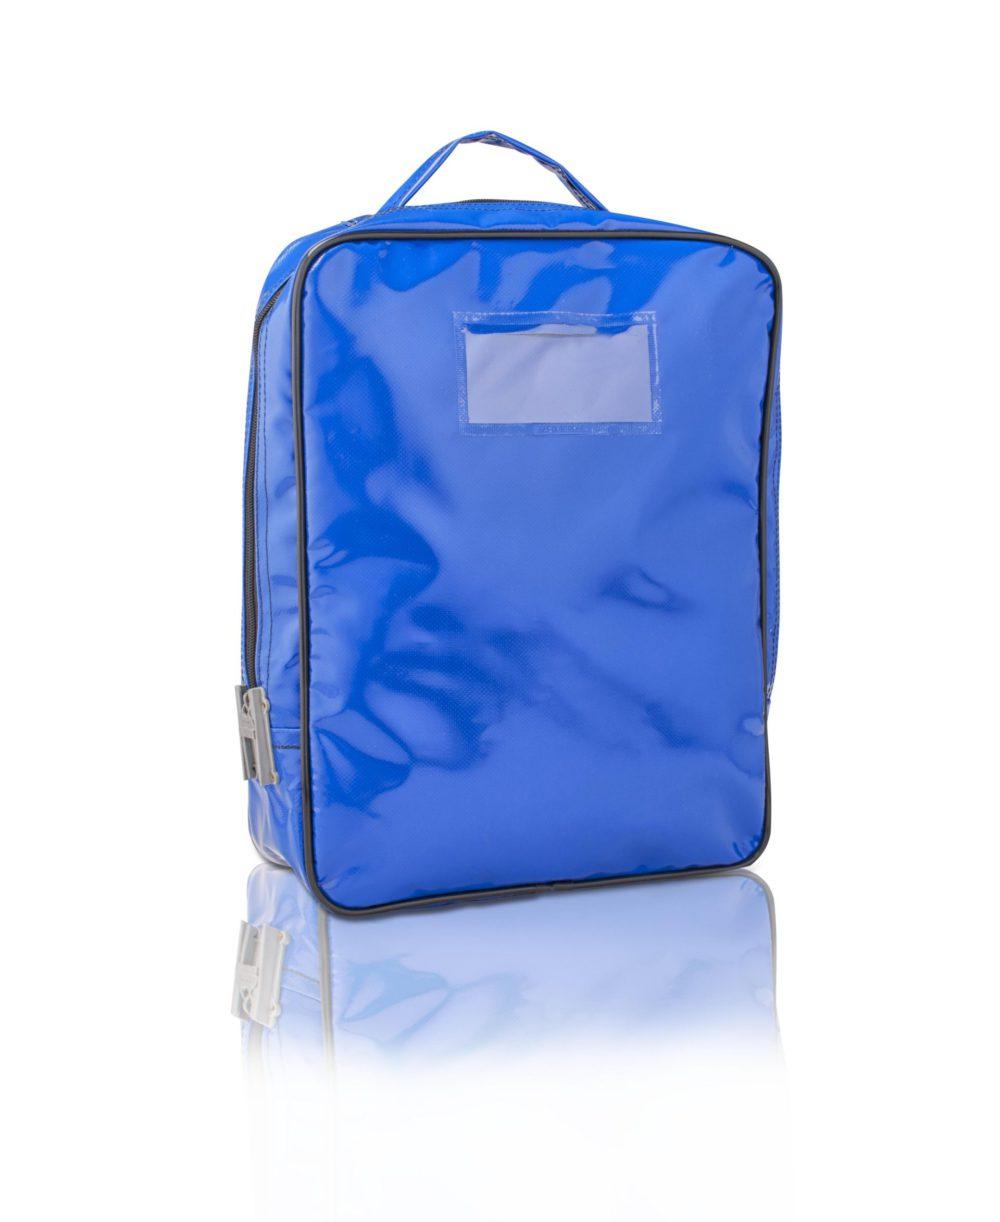 Imagen de valija de seguridad Safepak